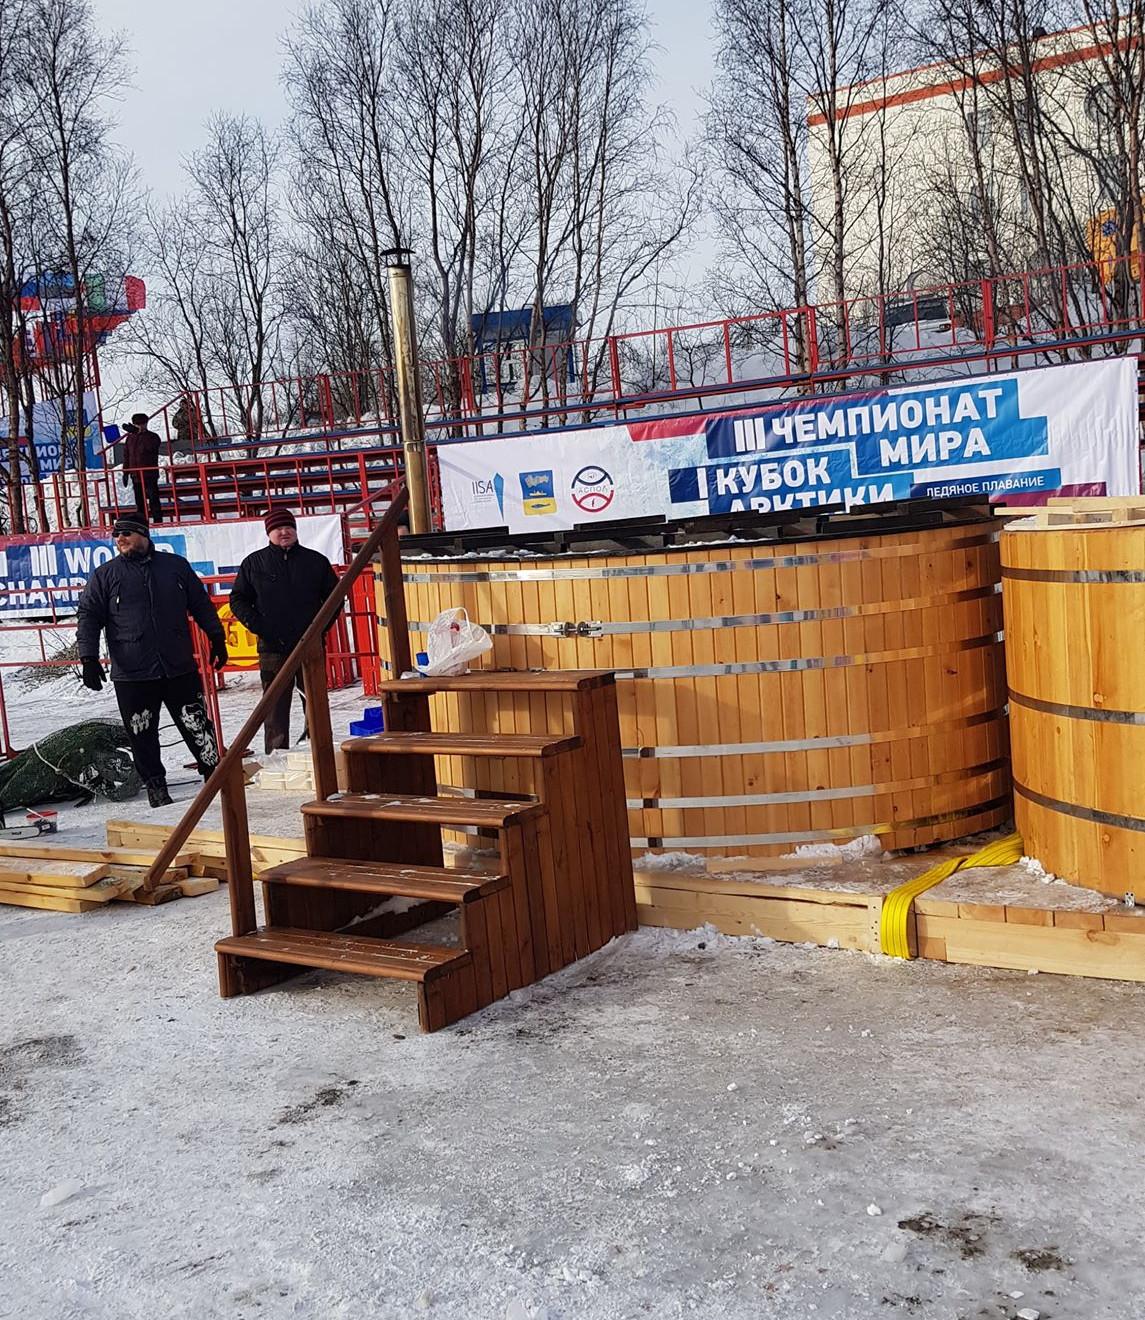 Das Saunabecken bei den Eisschwimm Weltmeisterschaften in Murmansk Russland